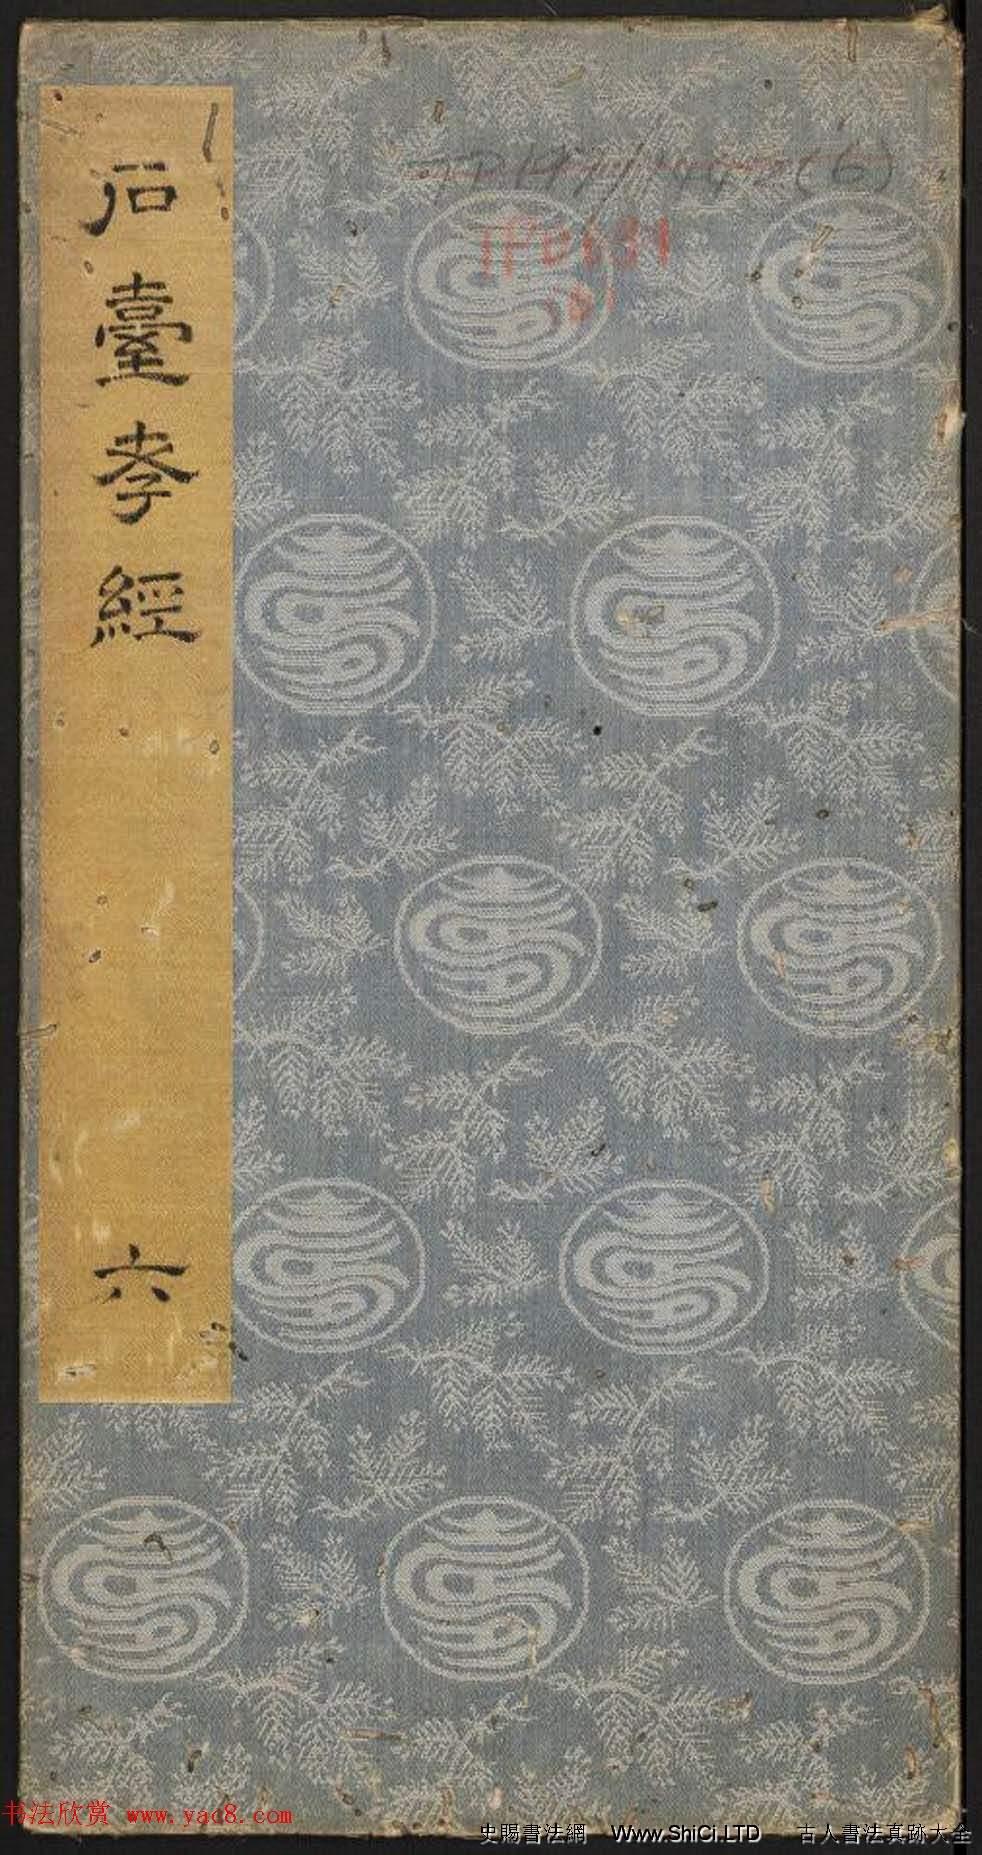 李隆基隸書《石台孝經》6-10冊 美國館藏(共113張圖片)